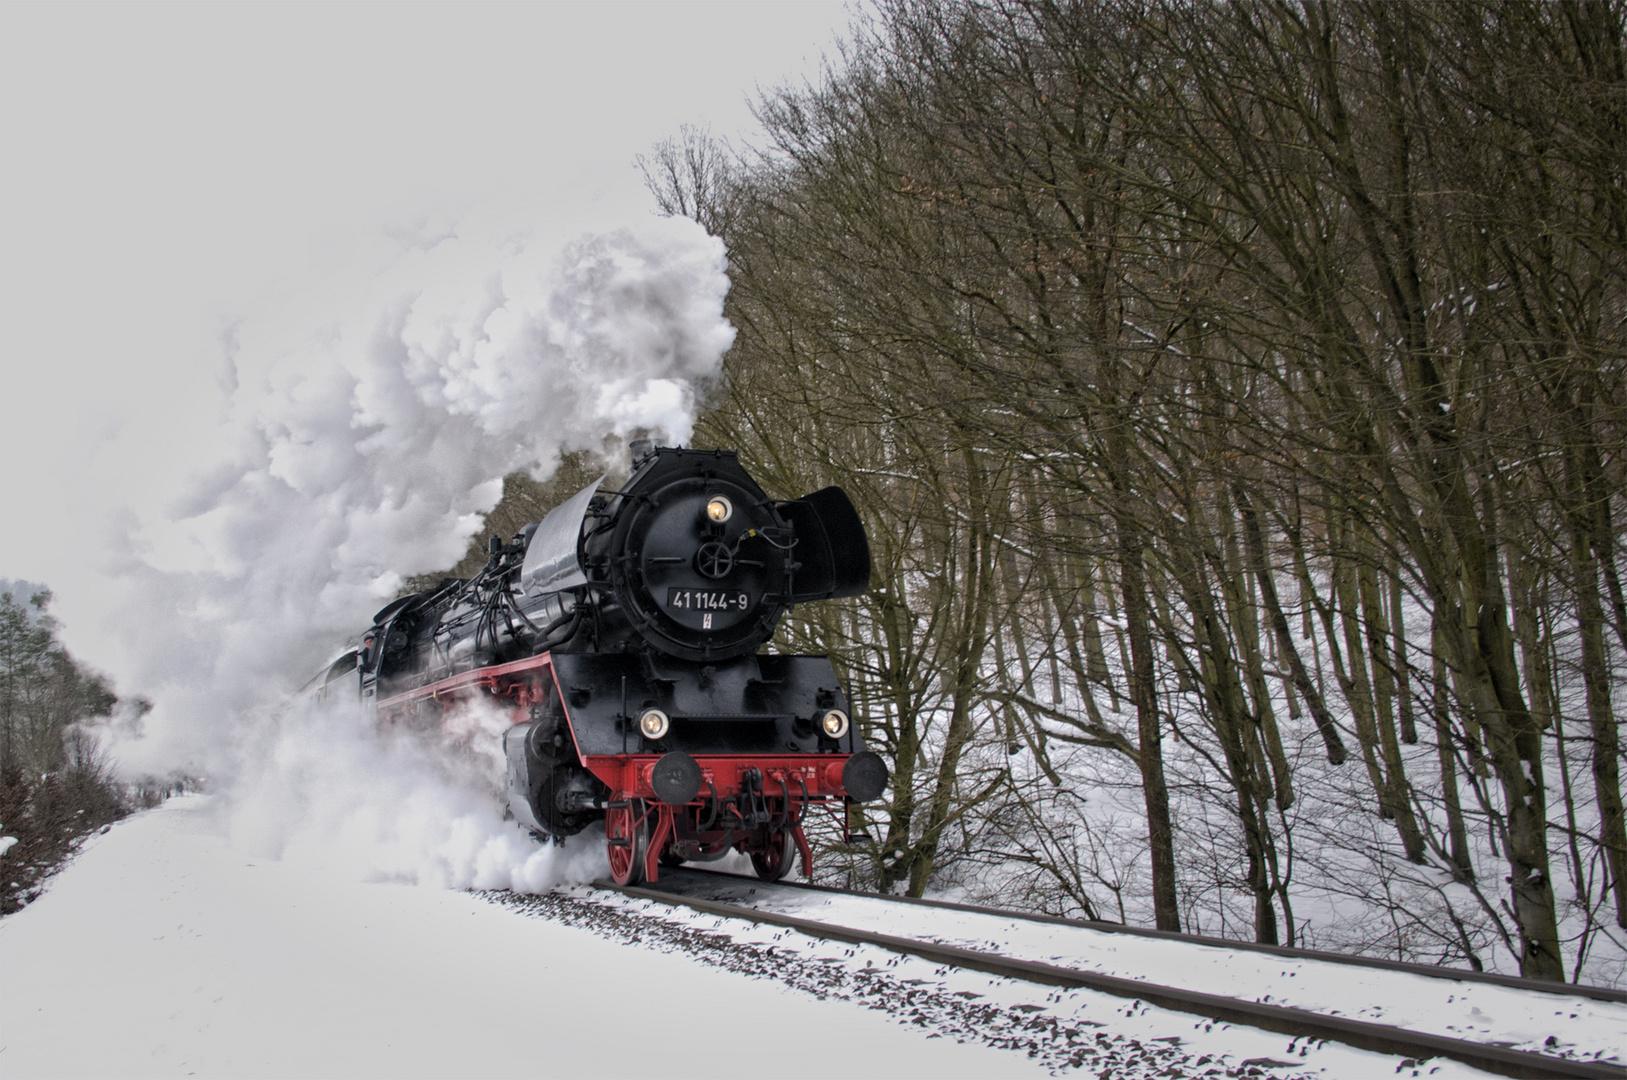 Rodelblitz 2013 - unterwegs mit 41 1144